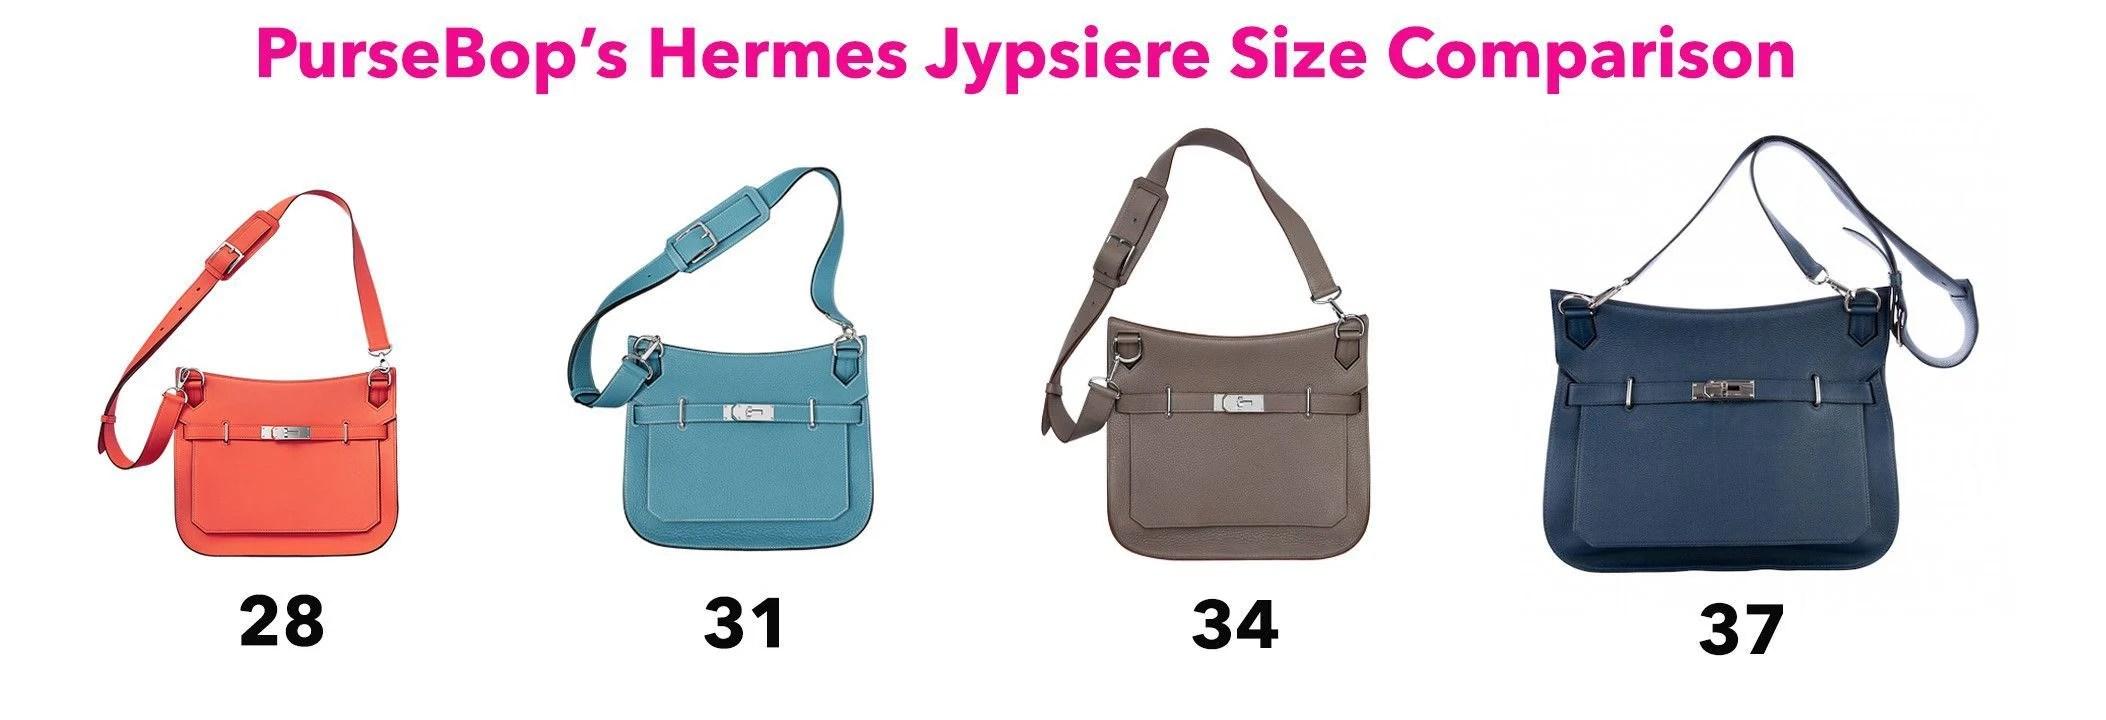 Hermes Jypsiere 34